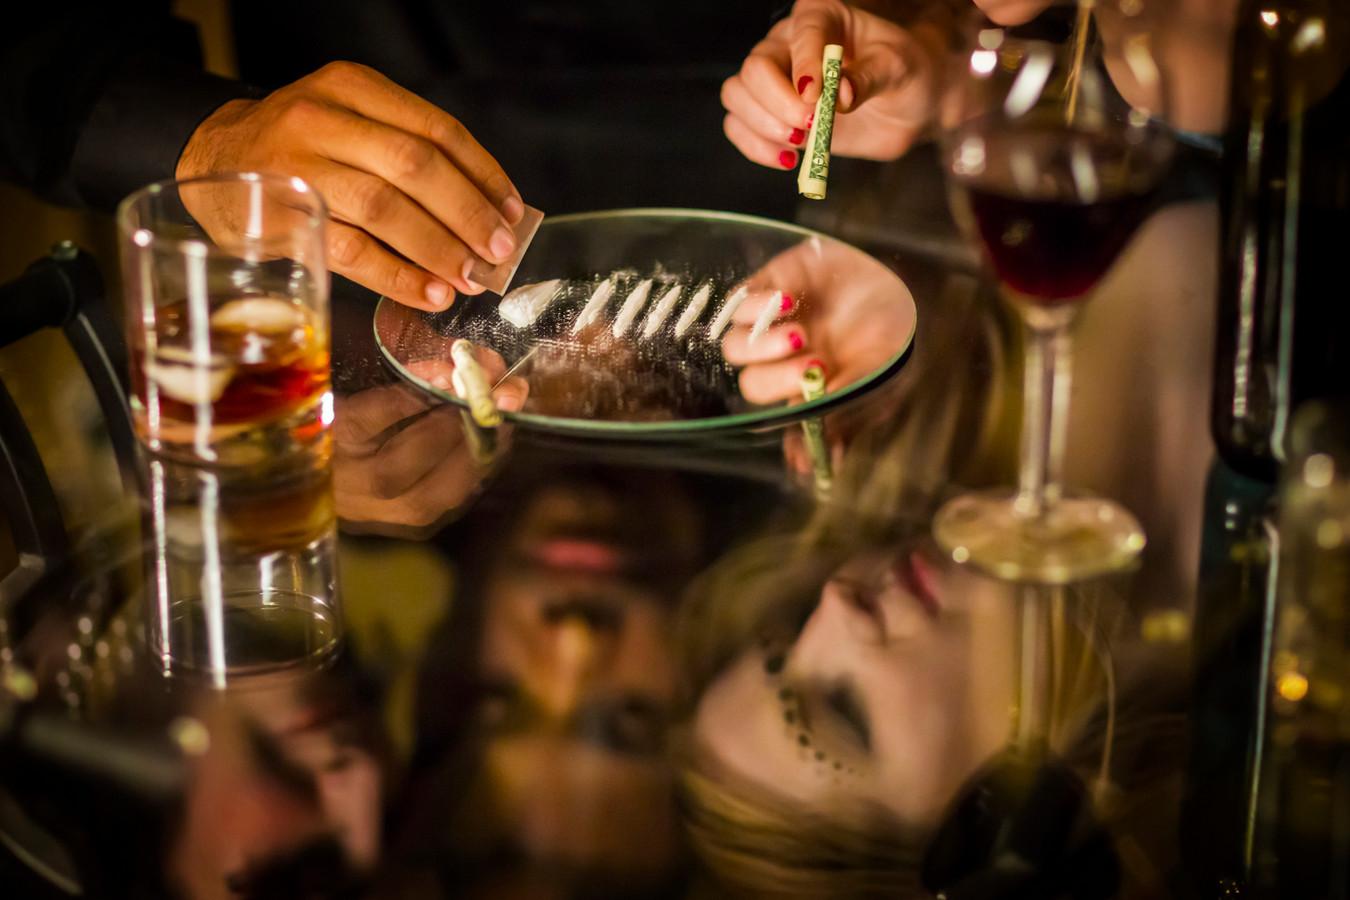 La consommation de cocaïne a fortement augmenté ces dernières années en Belgique. En cause notamment, une certaine normalisation de sa consommation dans la société.